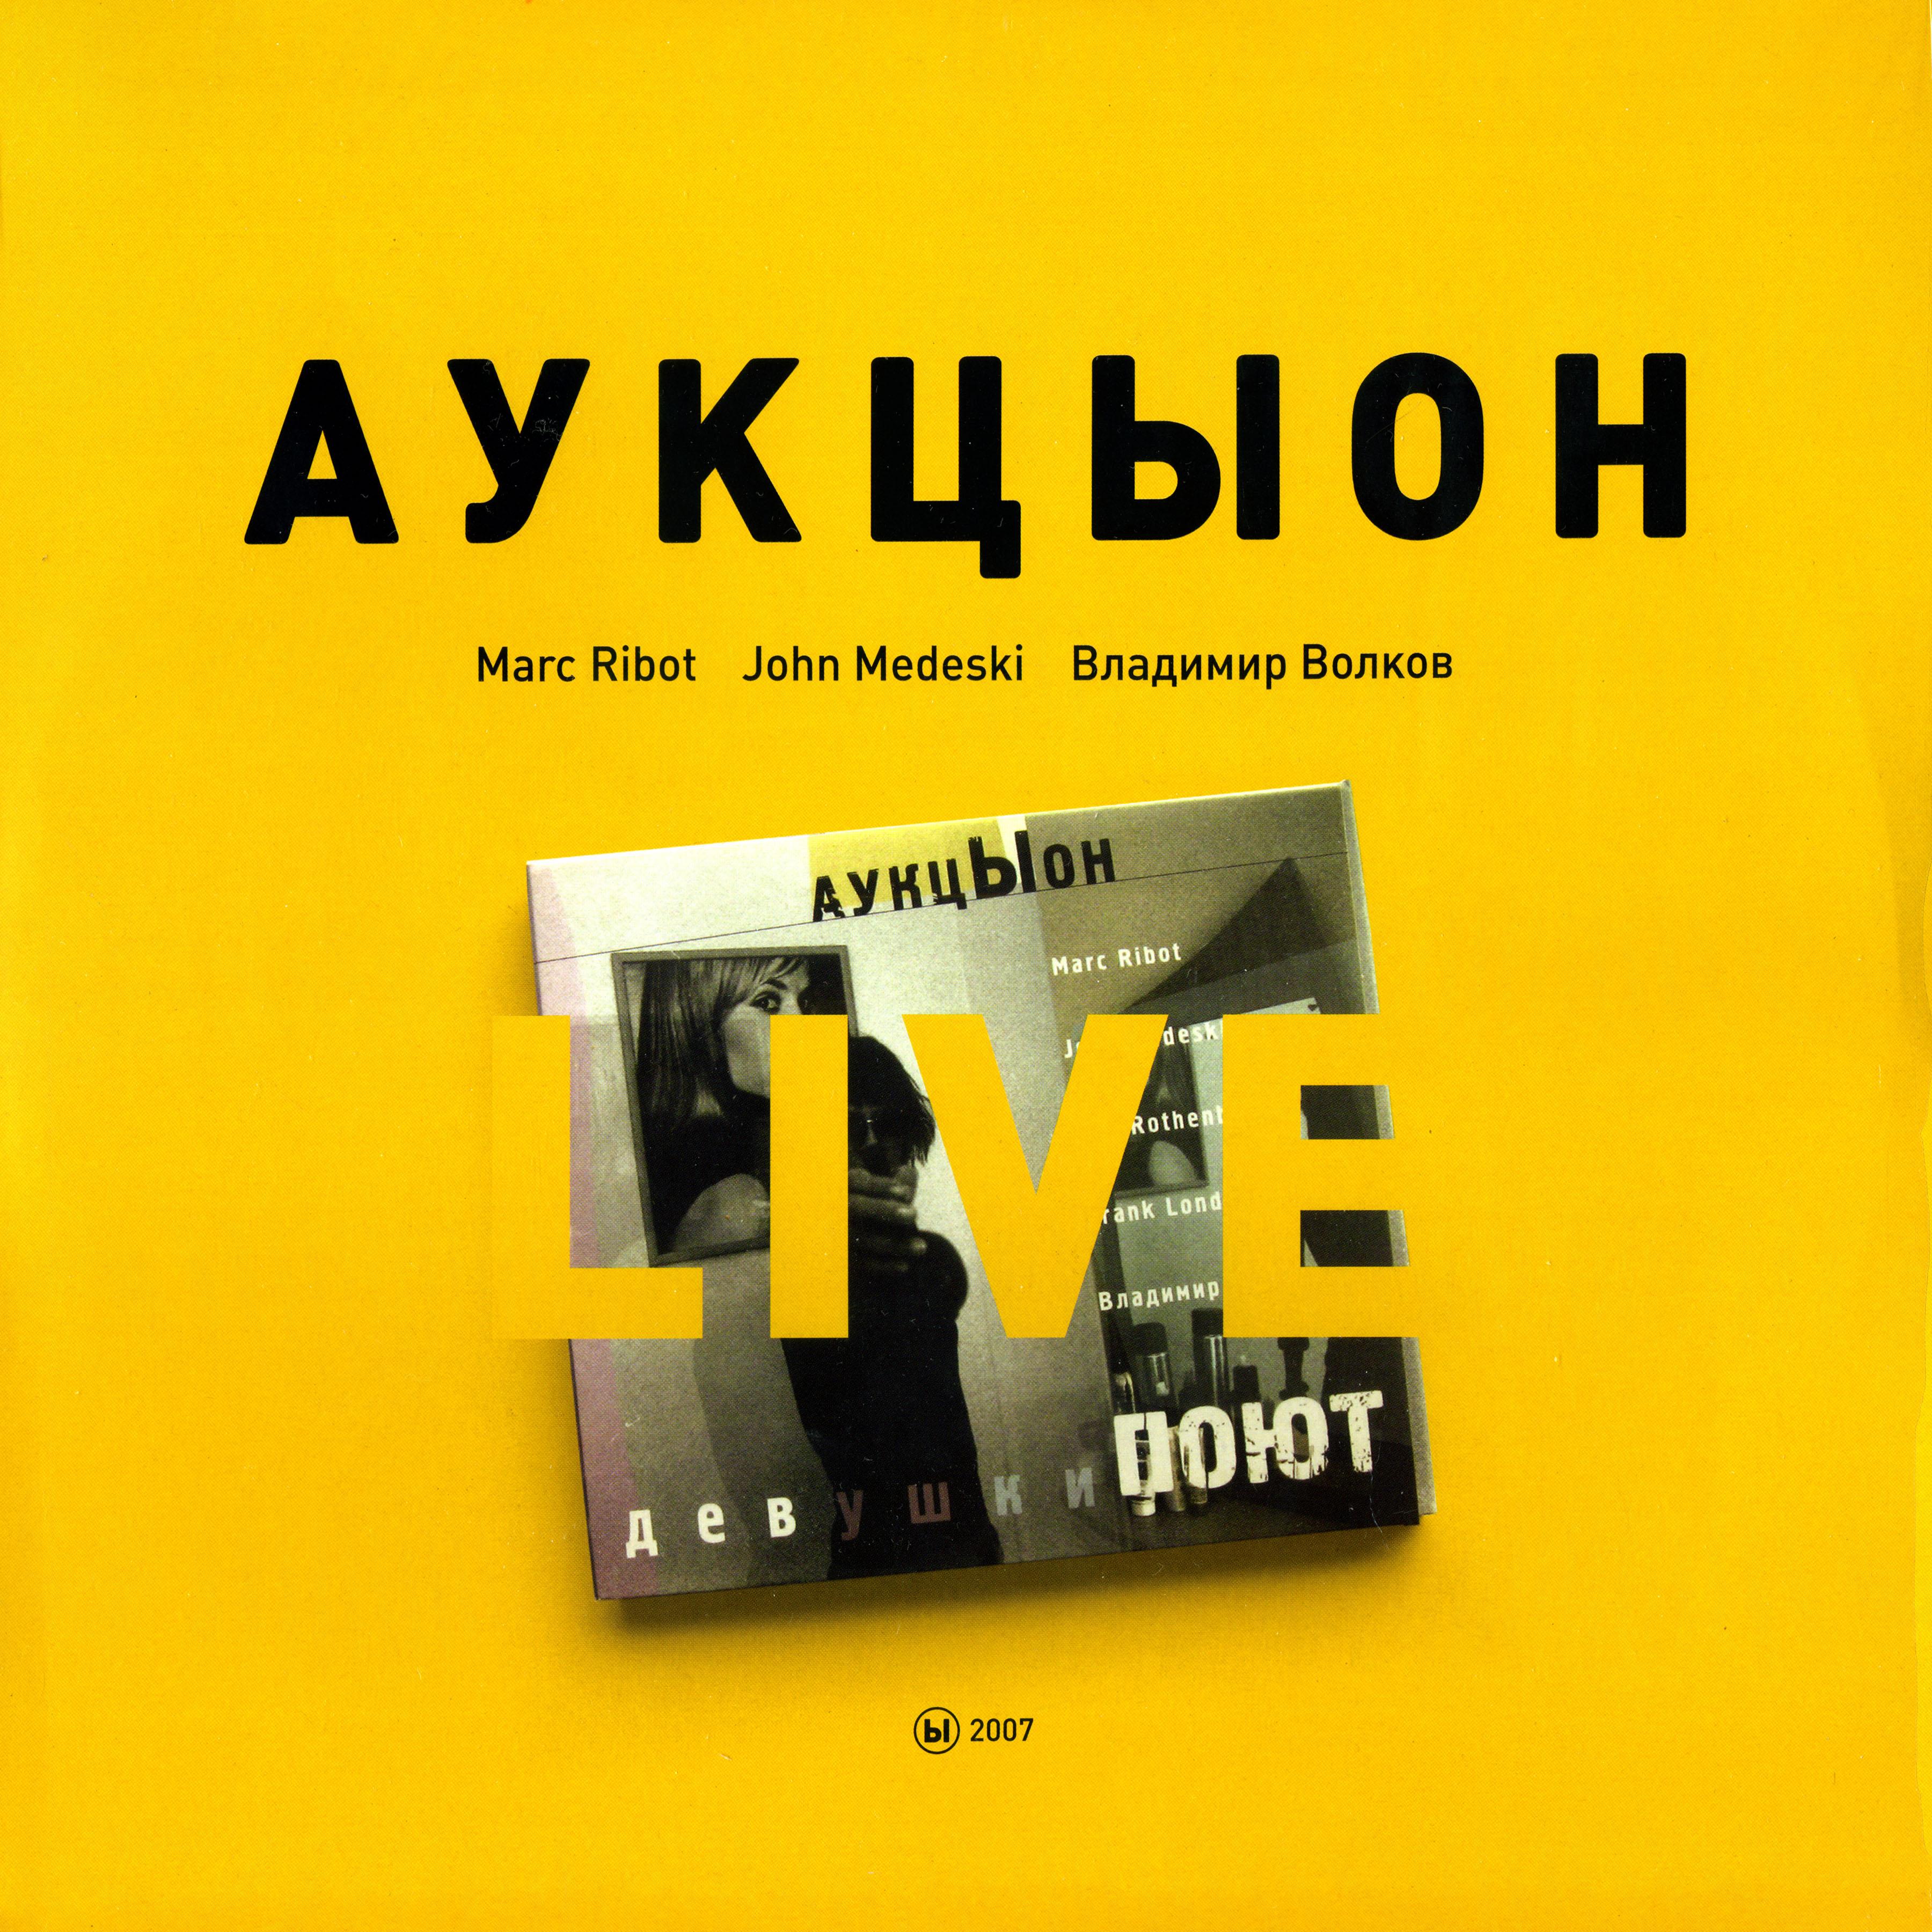 слушать музыку онлайн казаченко все песни